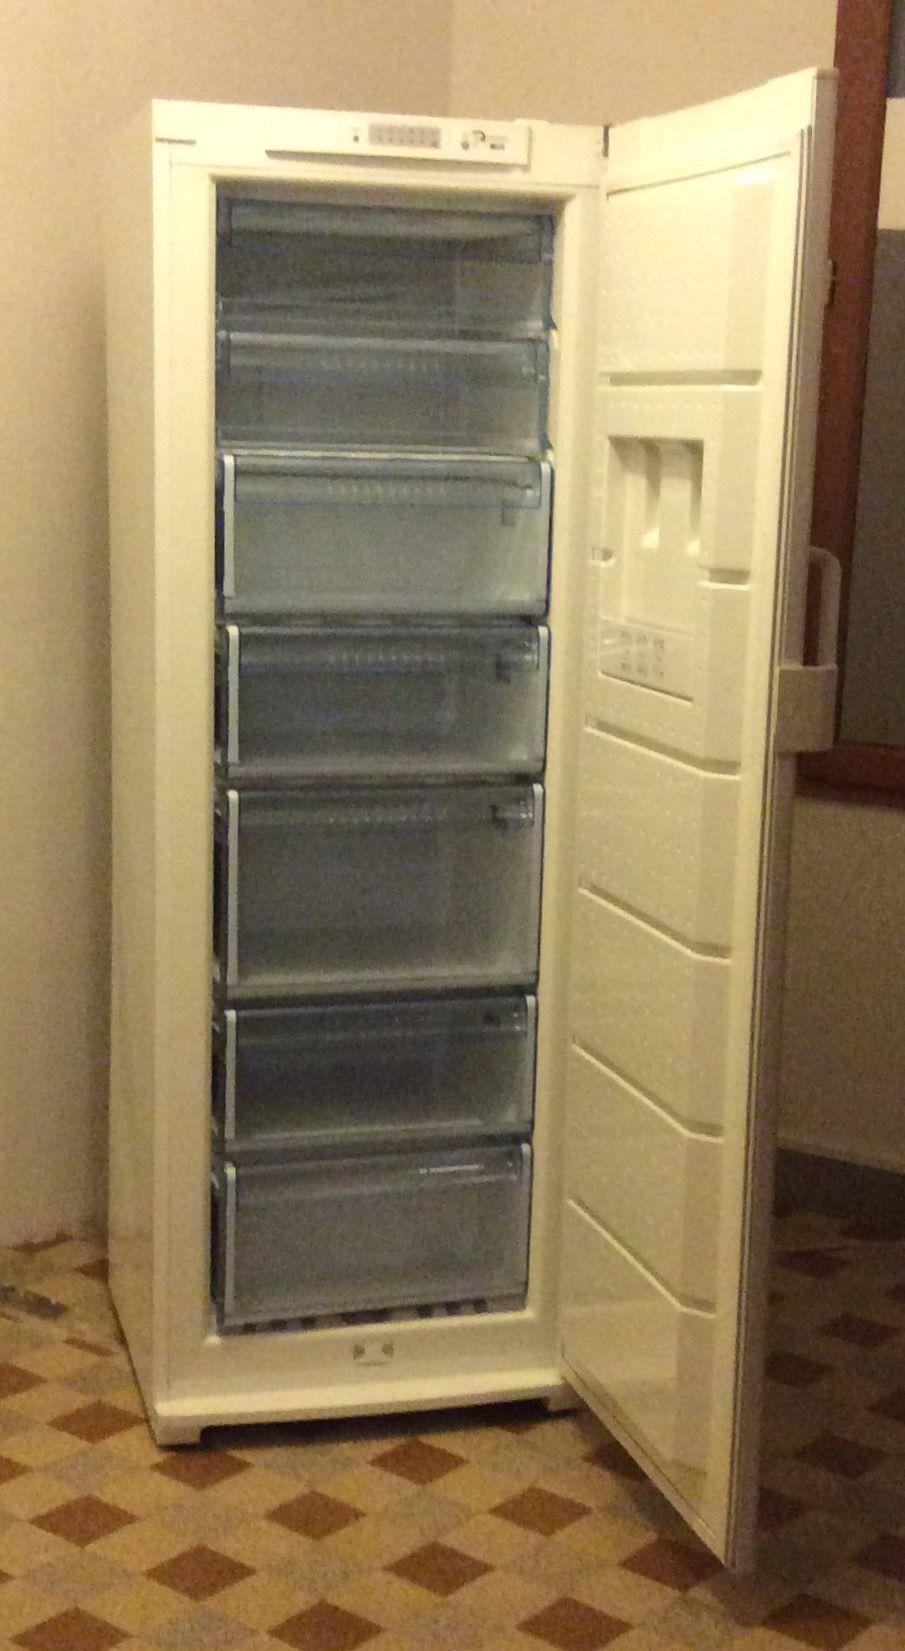 Cong lateurs occasion dans le vaucluse 84 annonces achat et vente de cong lateurs paruvendu - Congelateur armoire 5 tiroirs ...